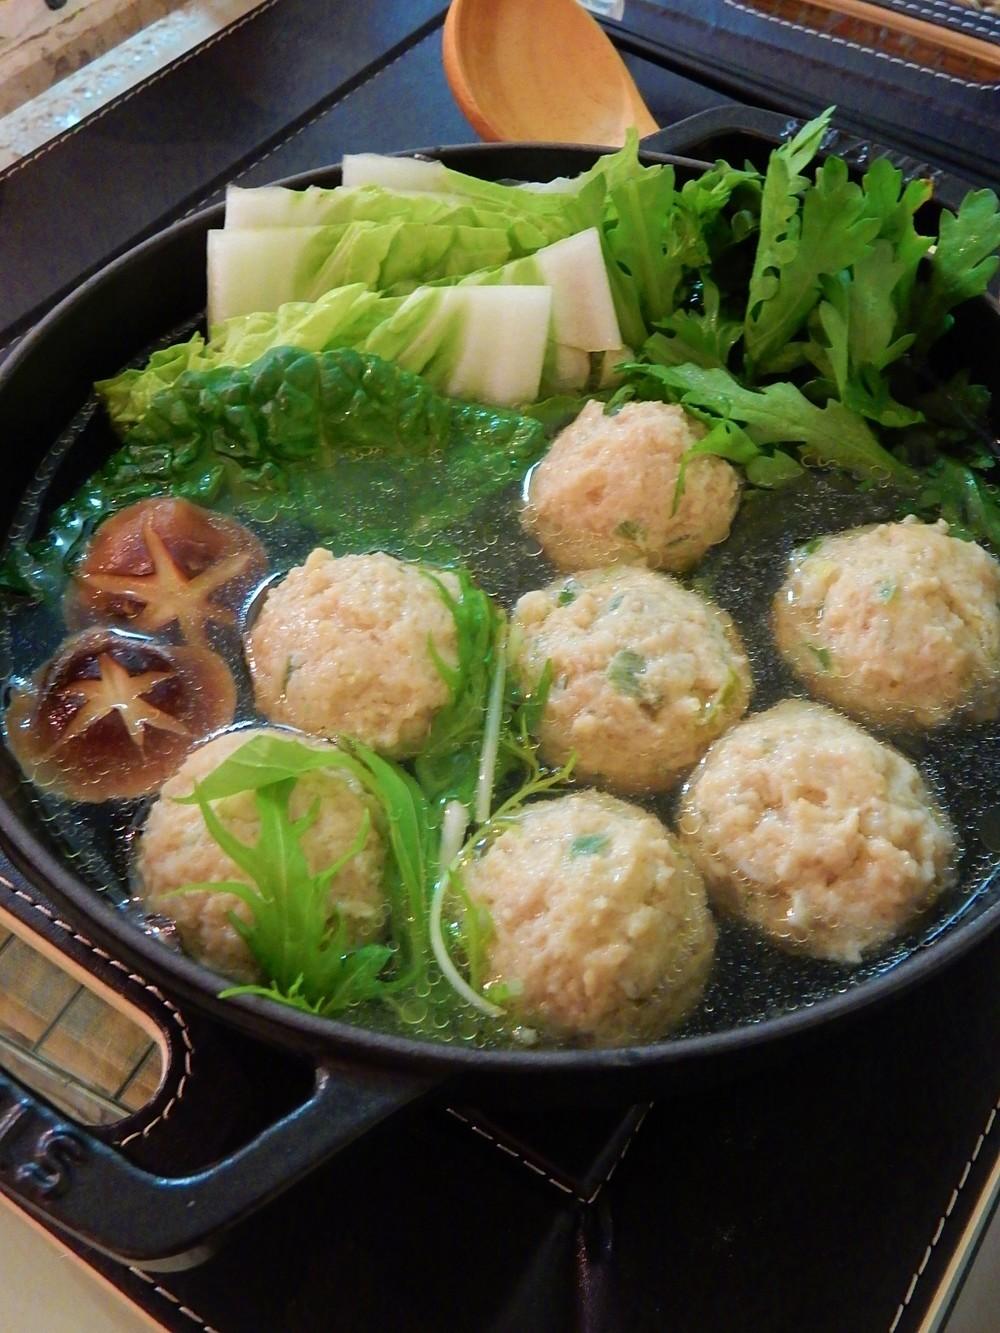 冬本番!鶏団子鍋!!身も心もほっこり♡あったまる鶏団子鍋ご紹介!のサムネイル画像